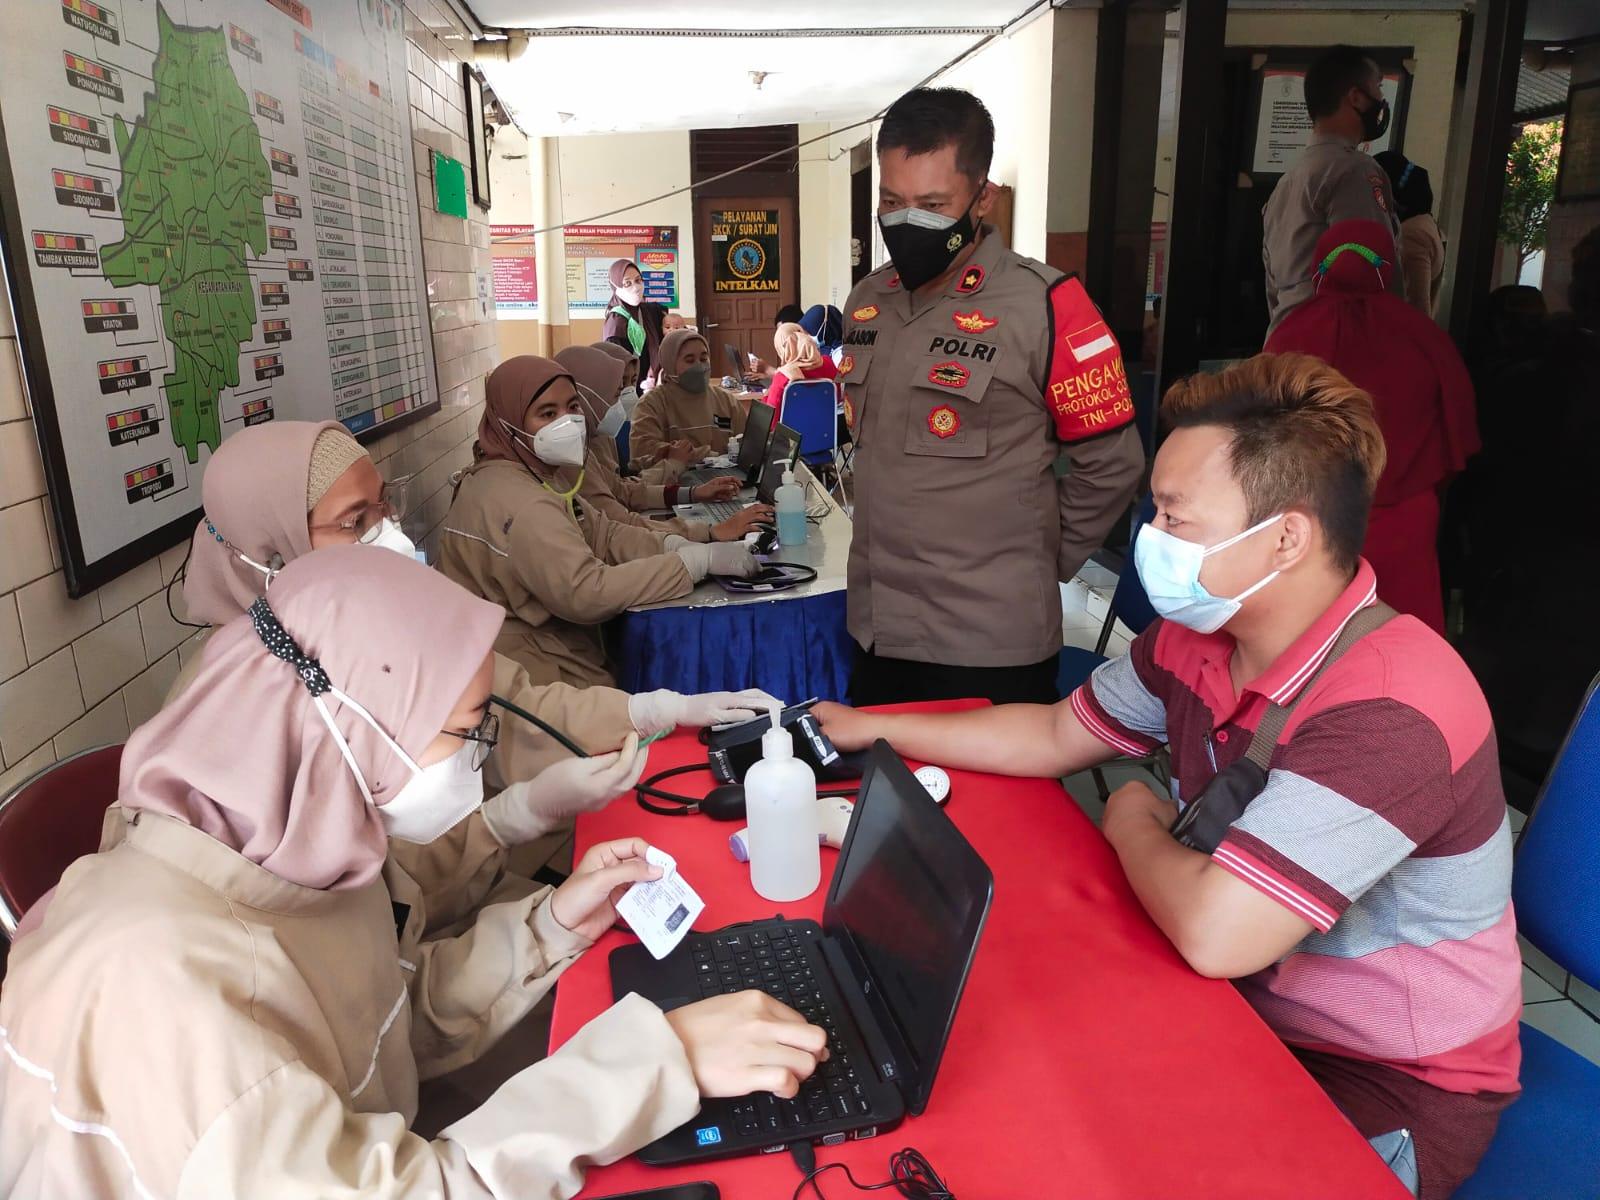 Dorong Kekebalan Komunal, Polsek Krian Gelar Vaksinasi Massal | Memo Surabaya